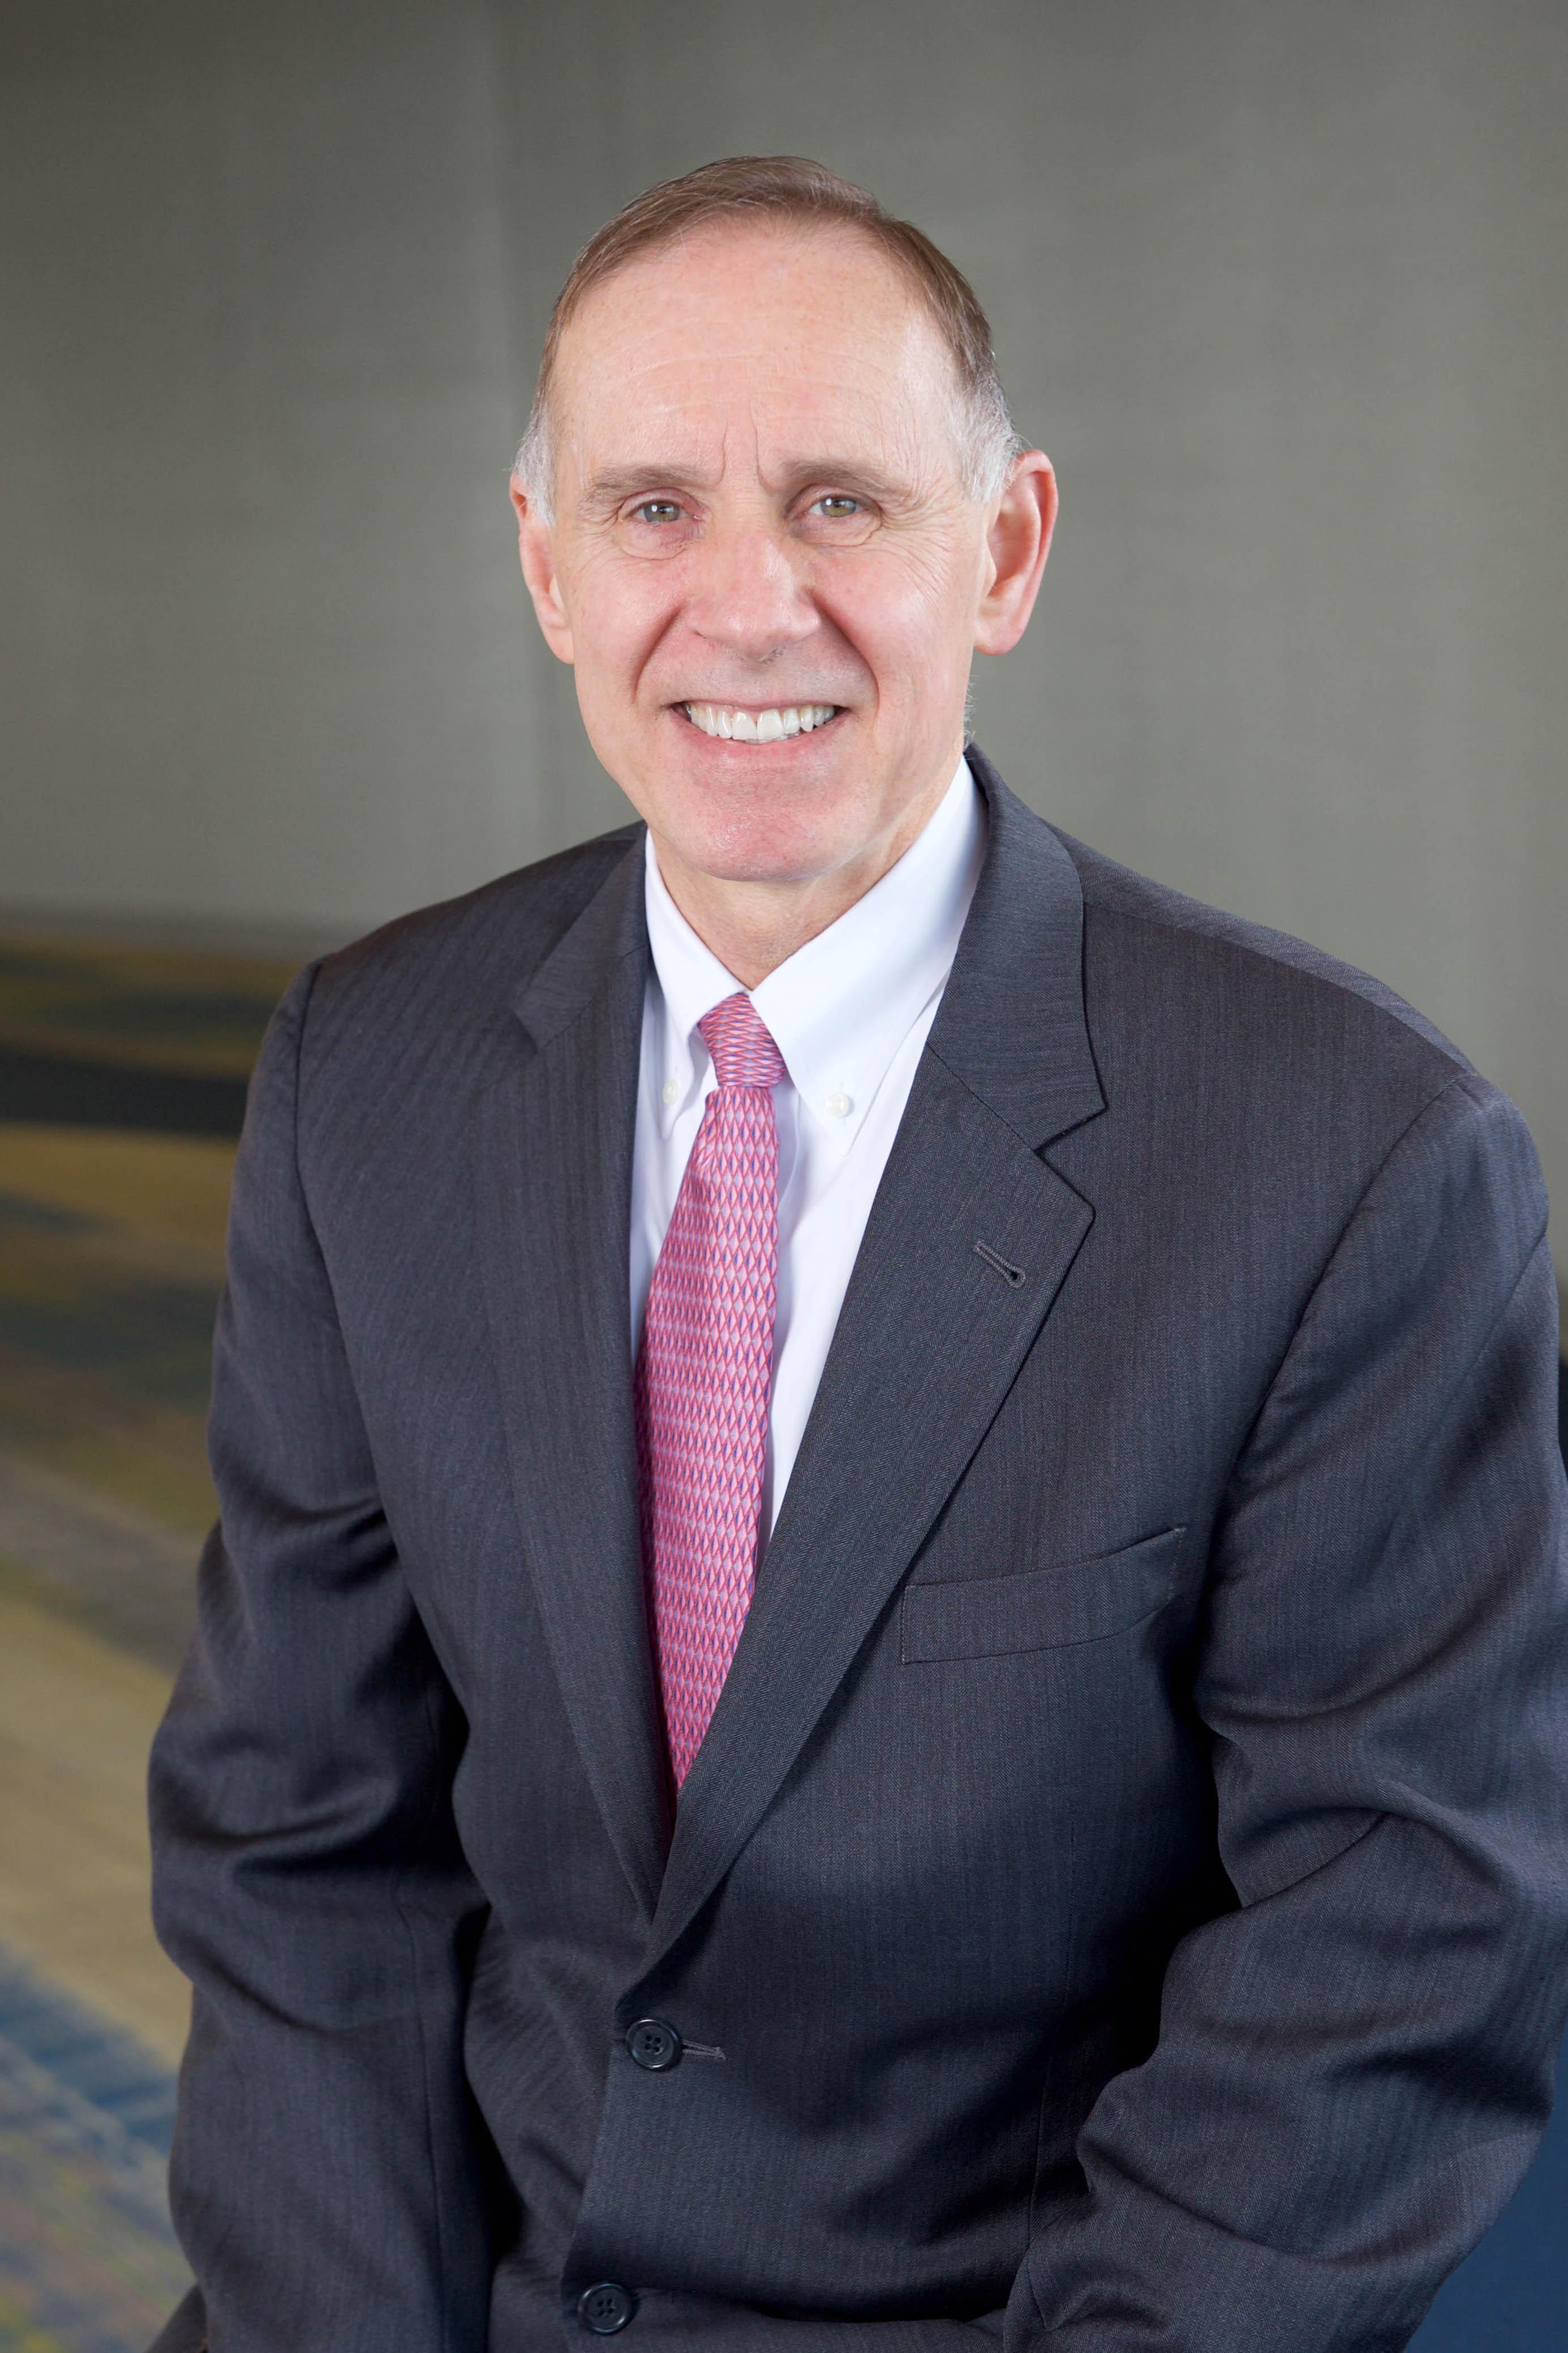 J. Brooks Jackson, MD, MBA